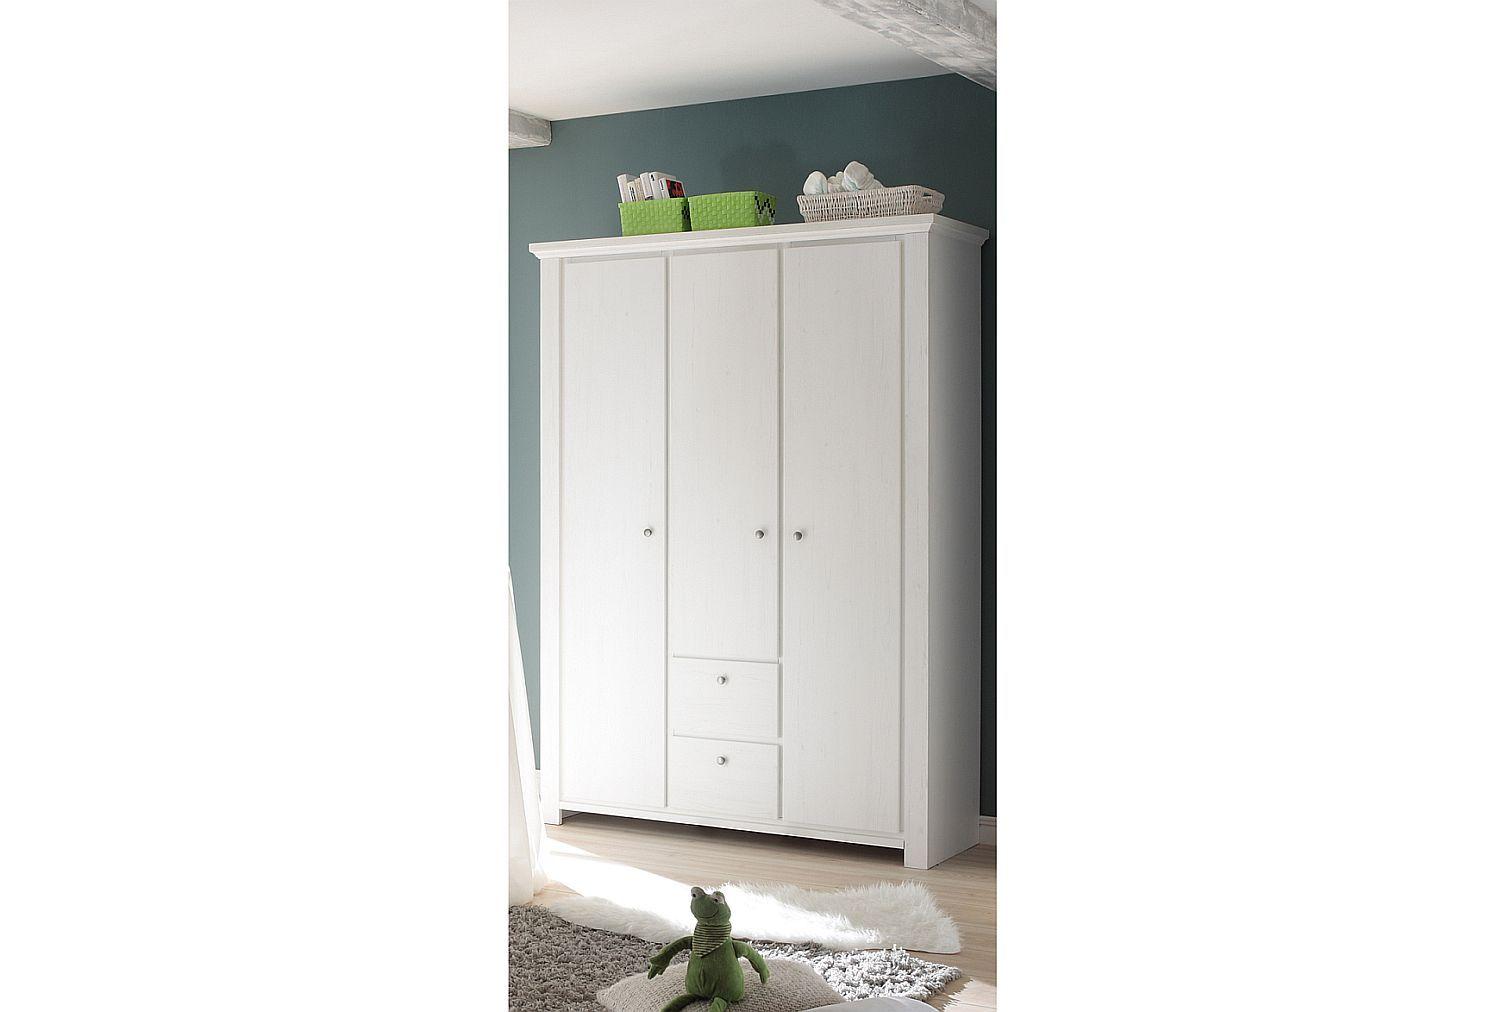 Dandy Kleiderschrank 0335/32 anderson pine